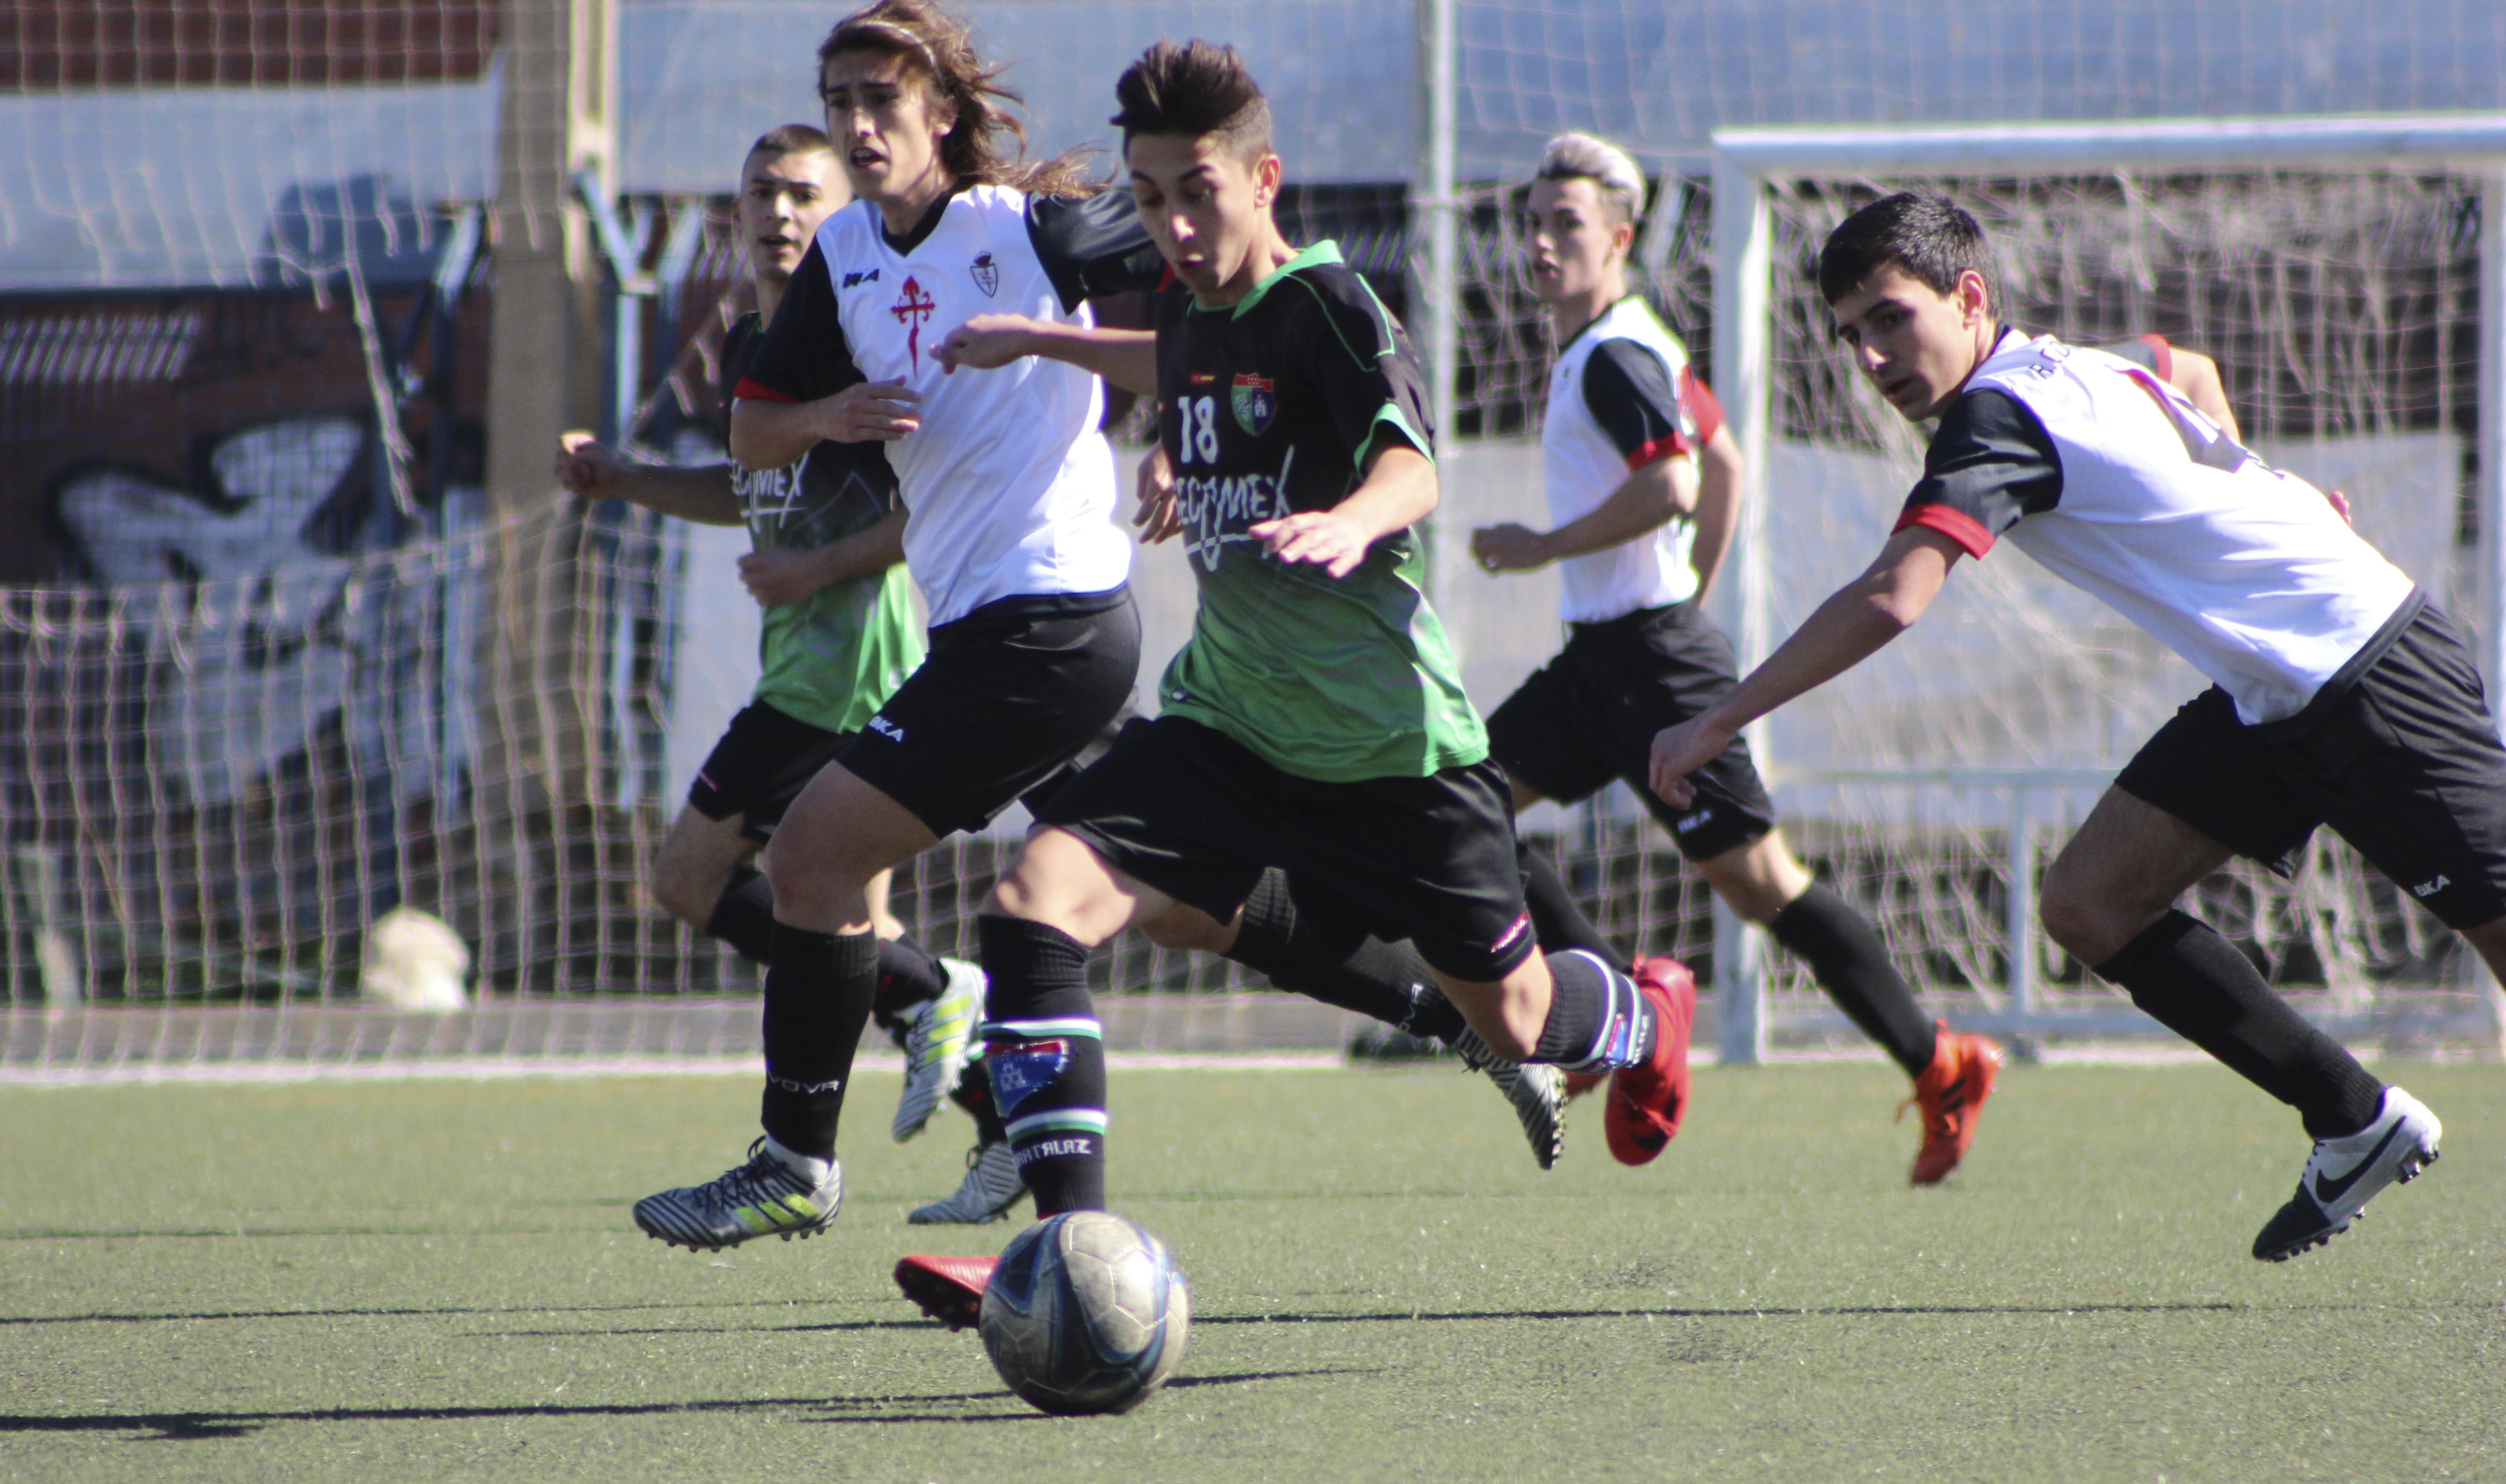 Fotos del partido: R.C.D Carabanchel 1-5 Juvenil E